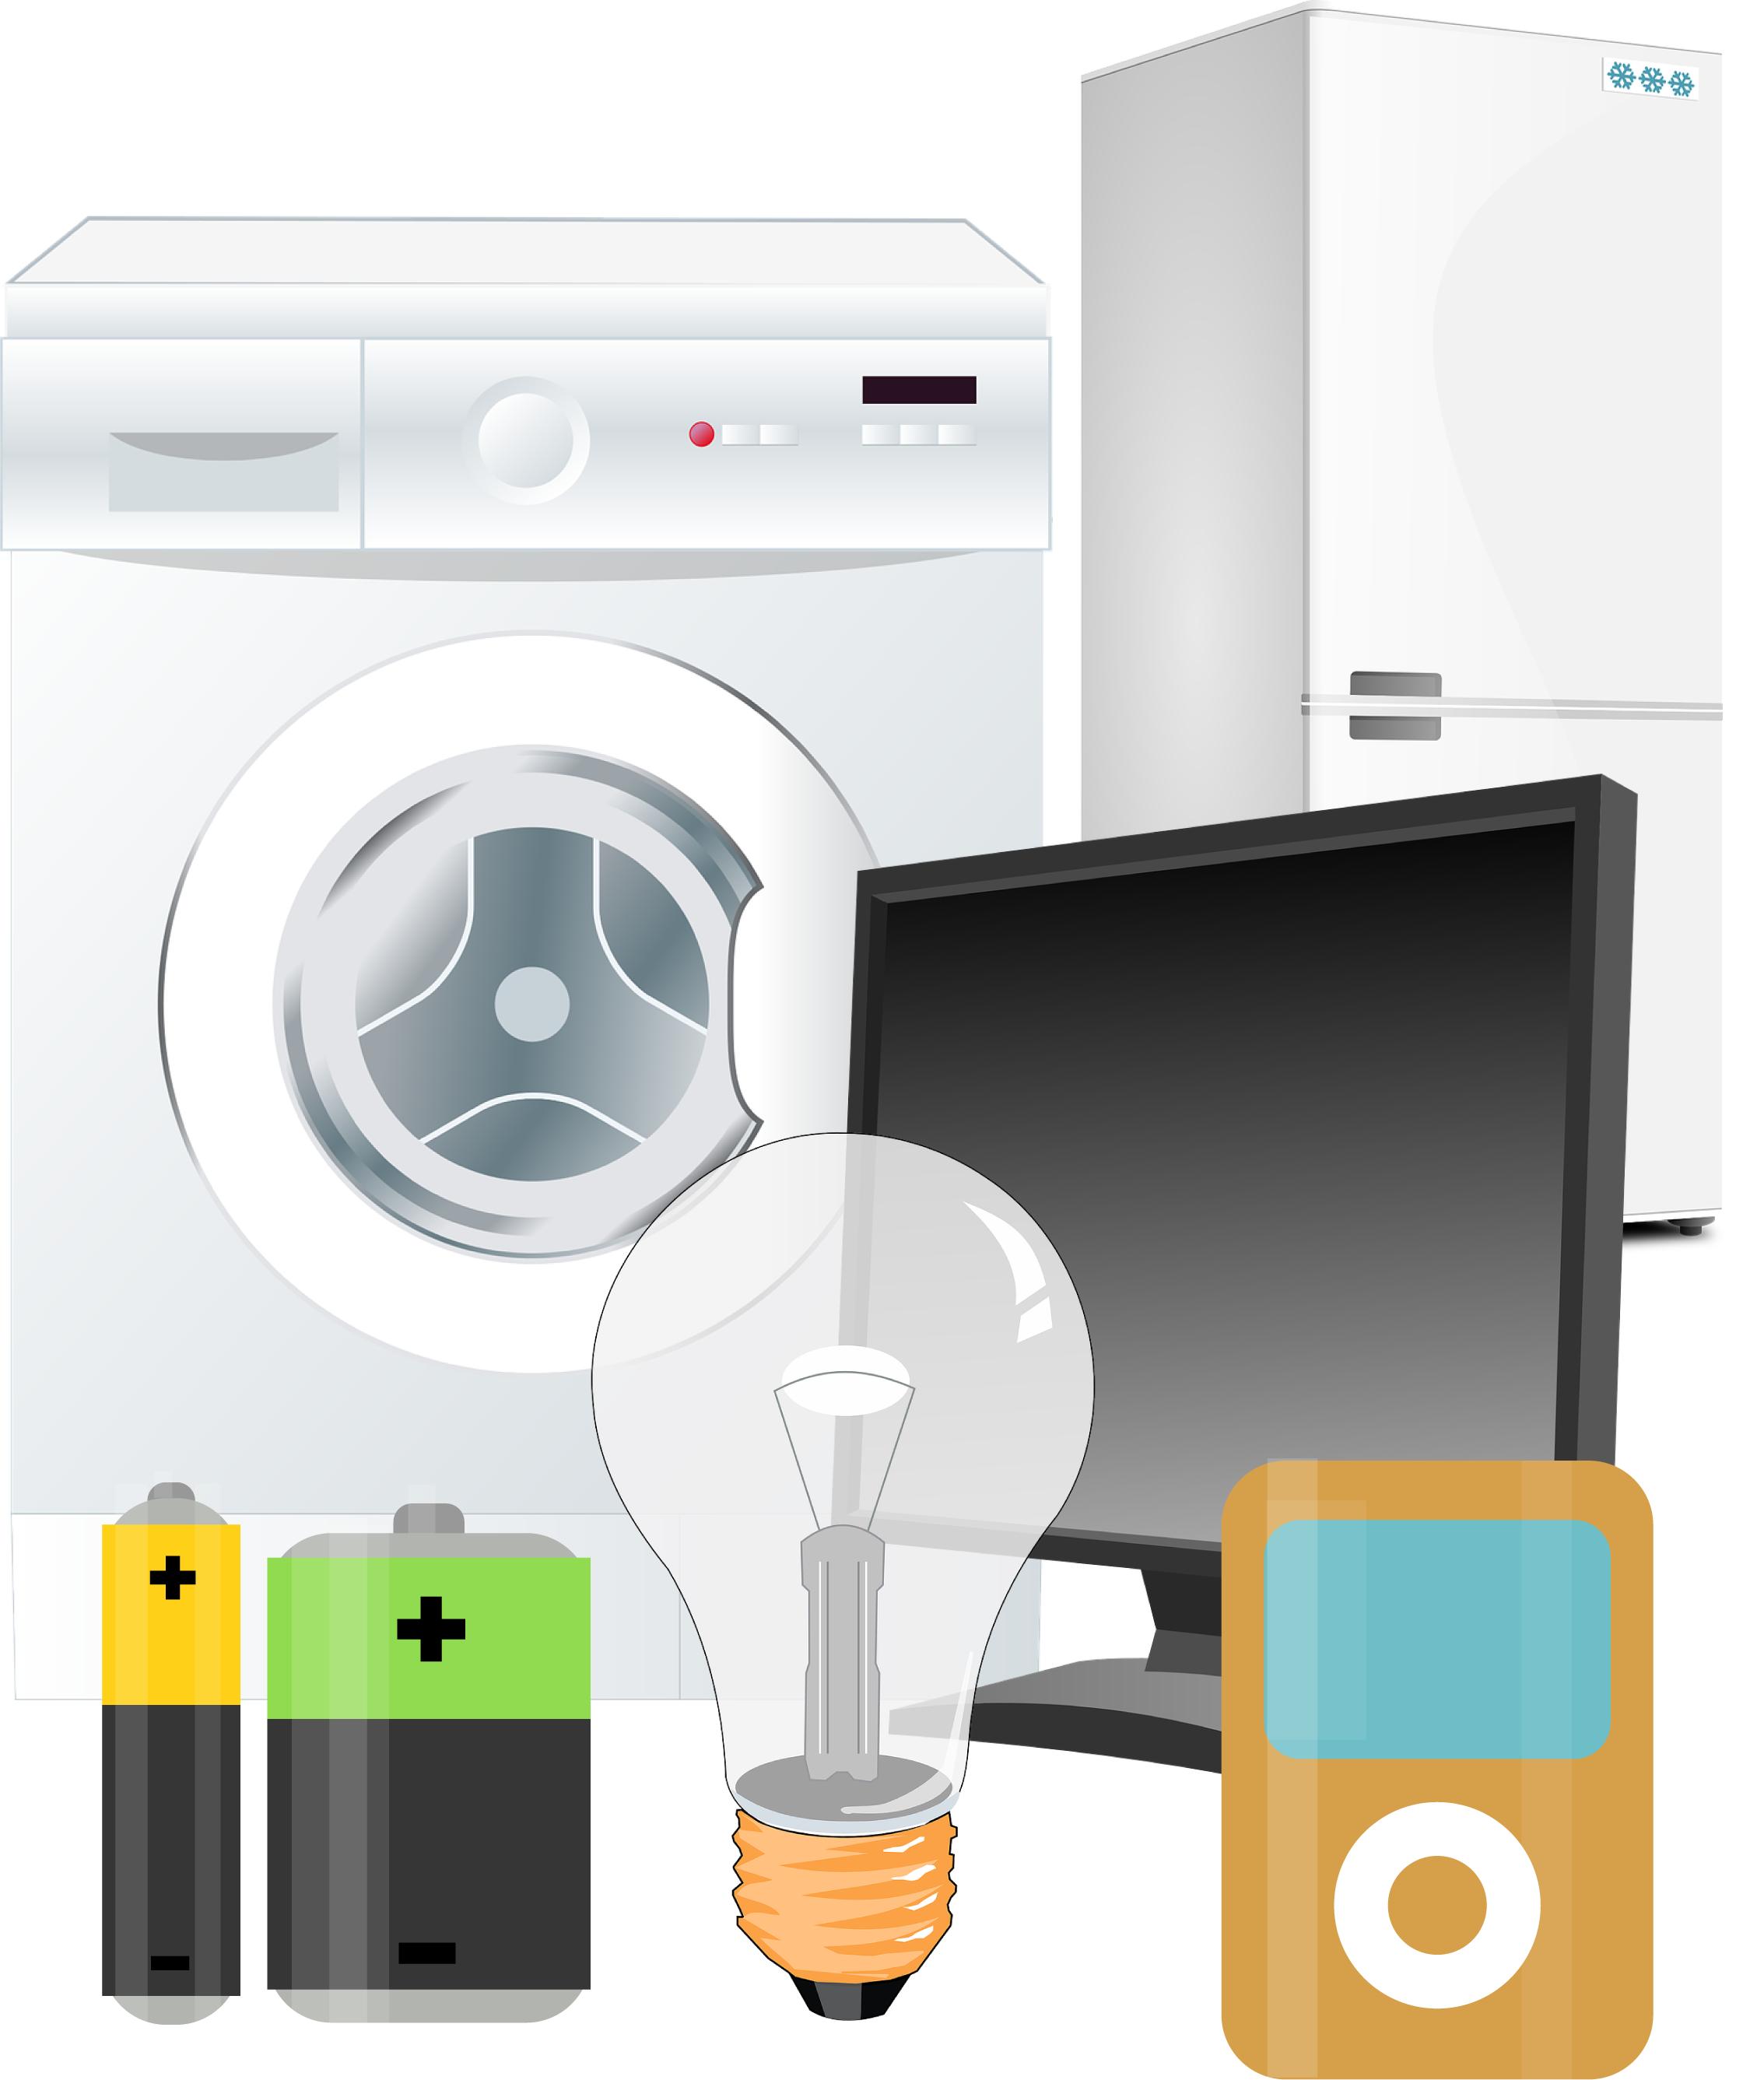 Illustrationer av tvättmaskin, kyl och frys, batterier, glödlampa, datorskärm, ipod